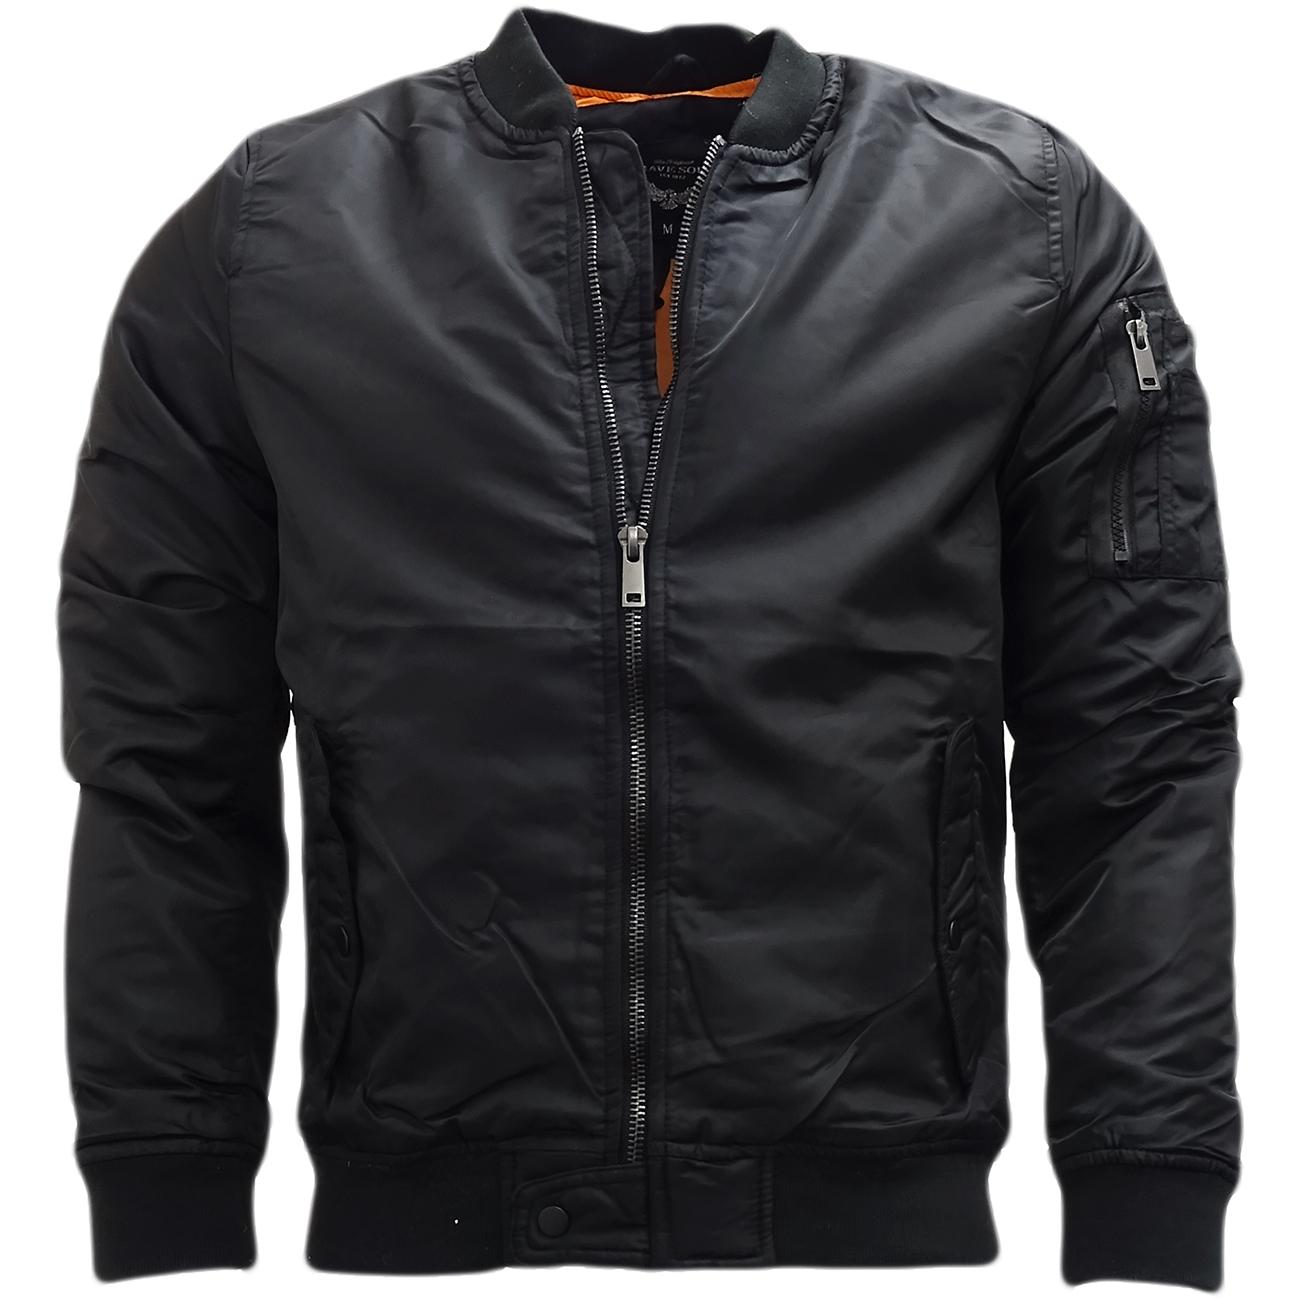 Jackets Brave Soul Bomber Jacket Oslo Jackets Mr H